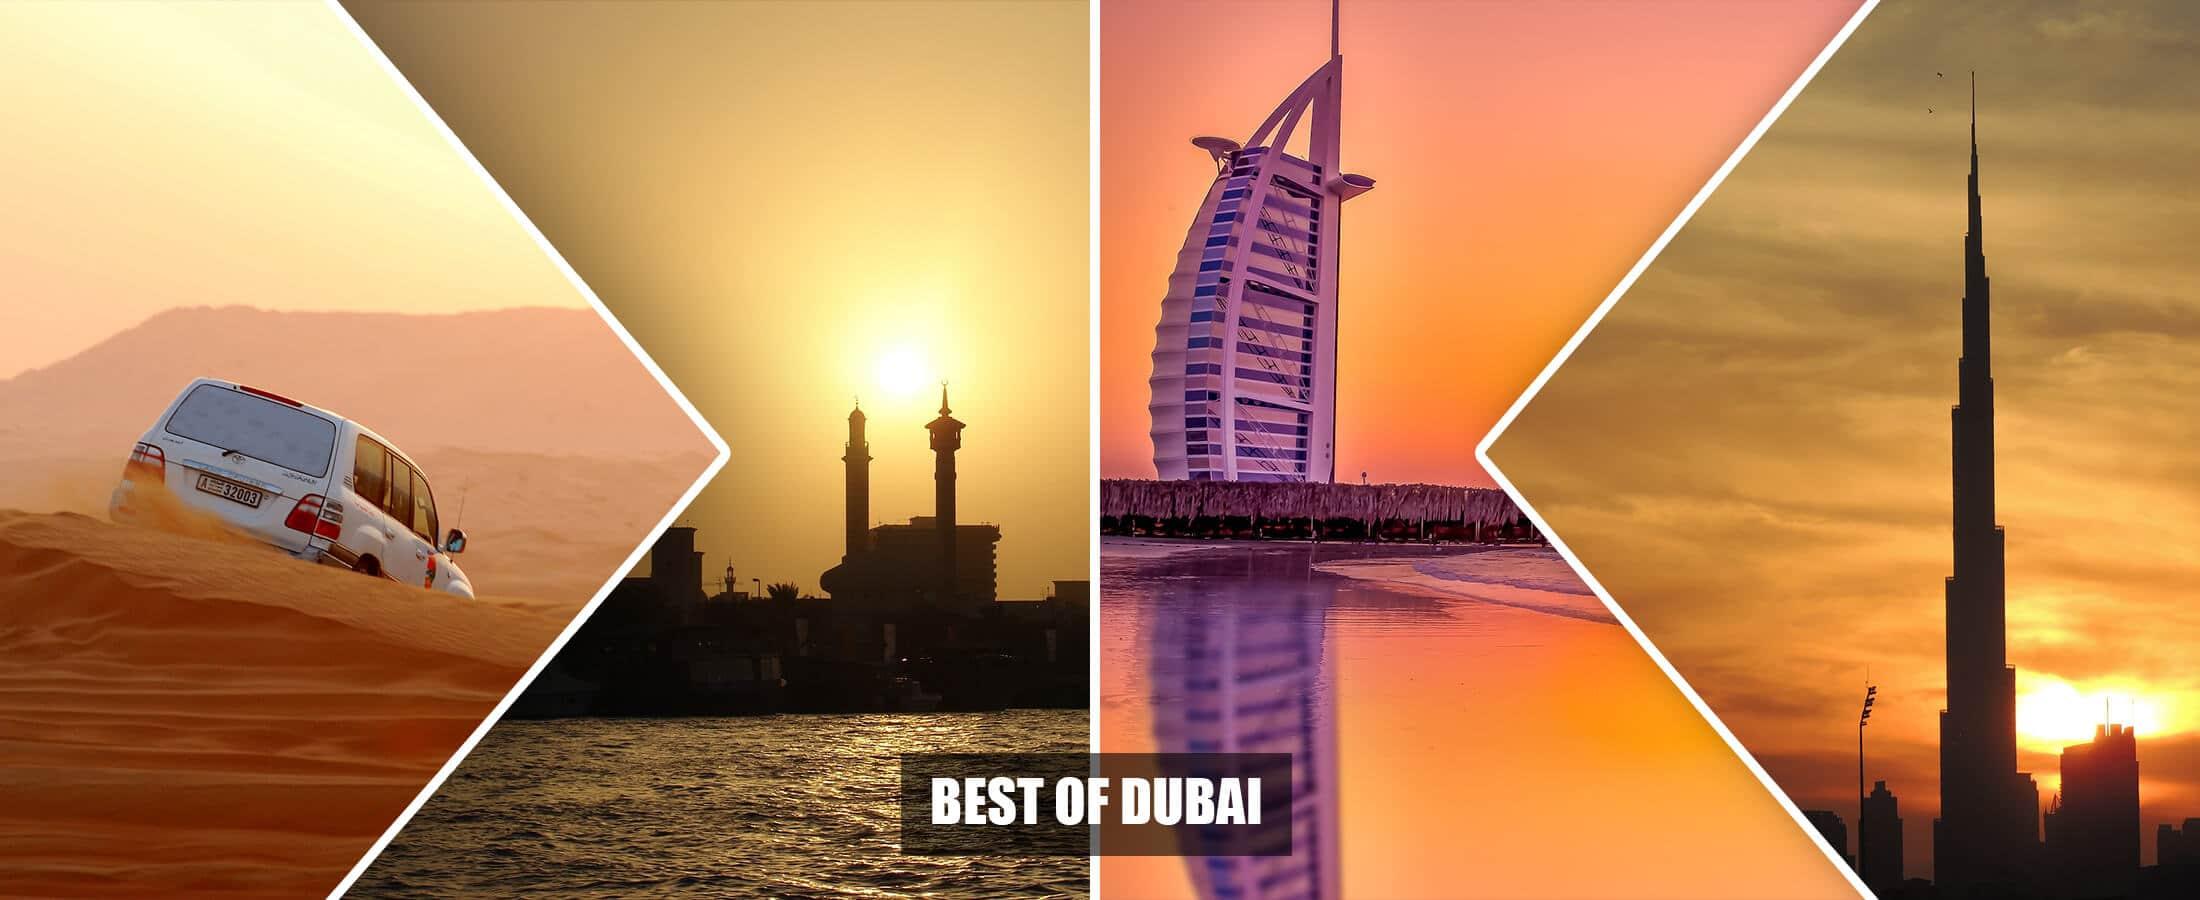 Best Dubai tour packages